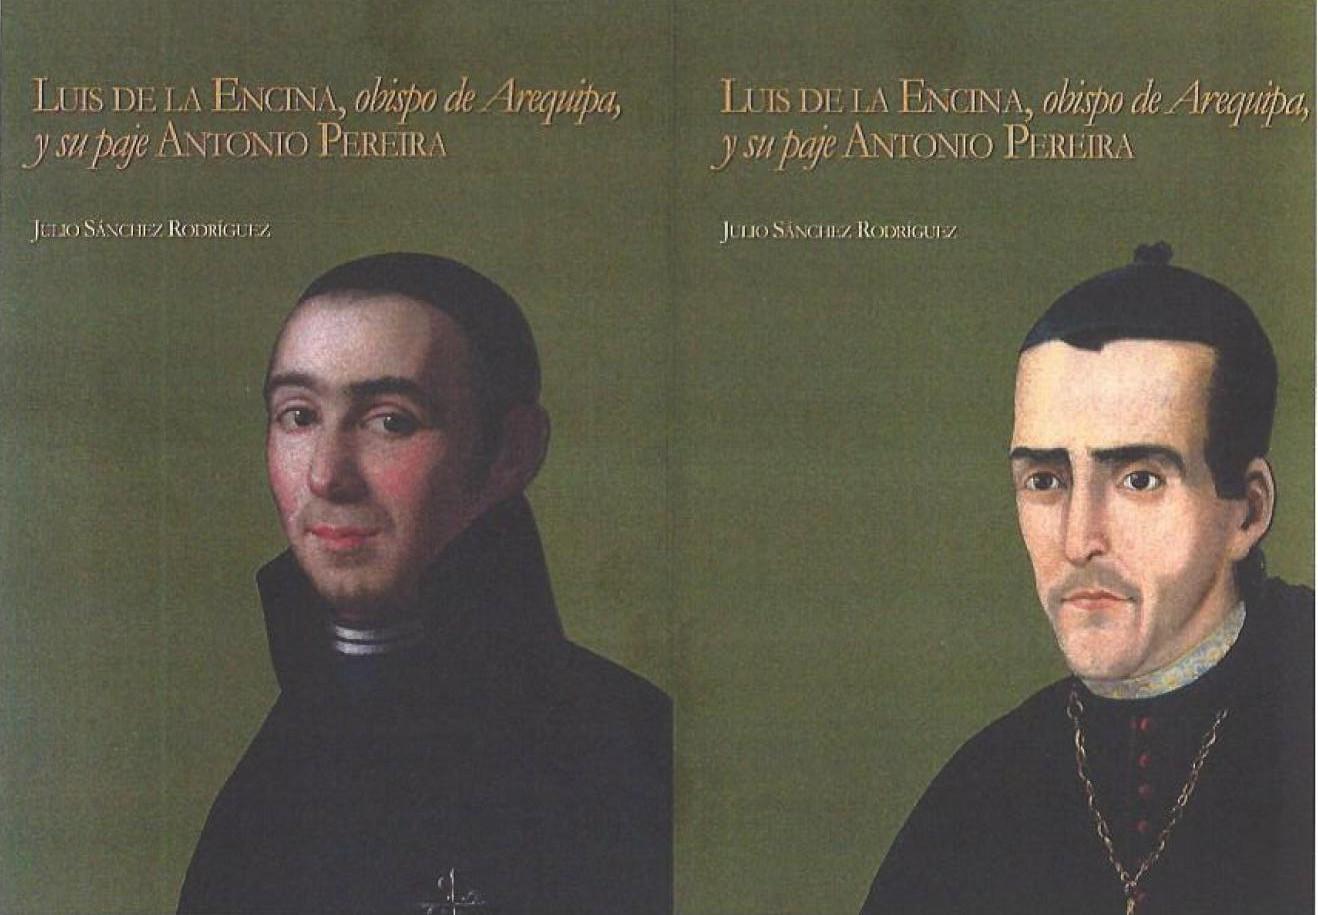 Luis de Encina,Obispo de Arequipa y su paje,Antonio Pereira Tomo II